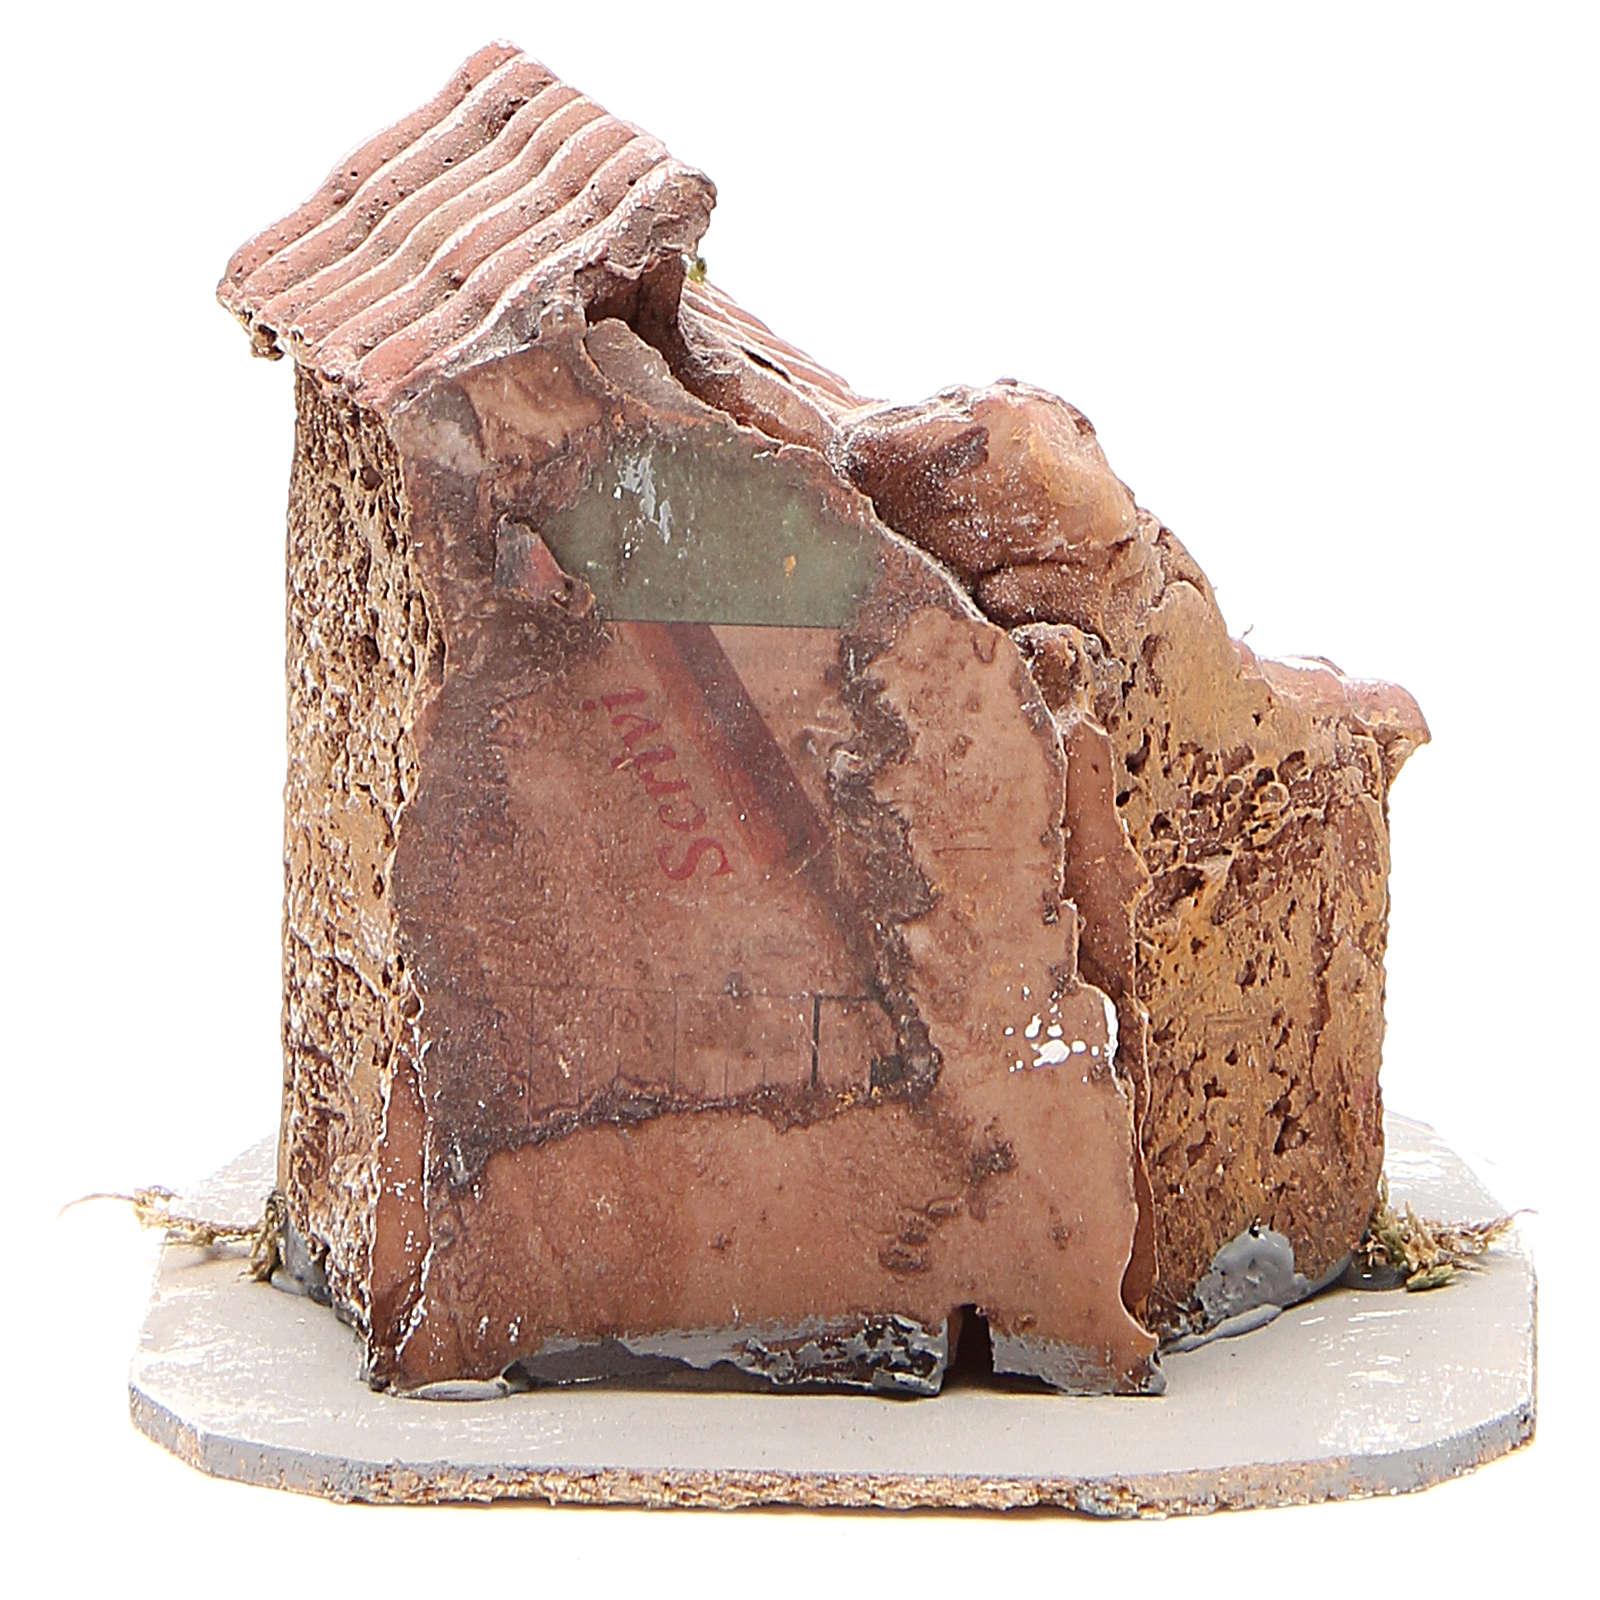 Maison crèche napolitaine résine et bois 14x14x14 cm 4